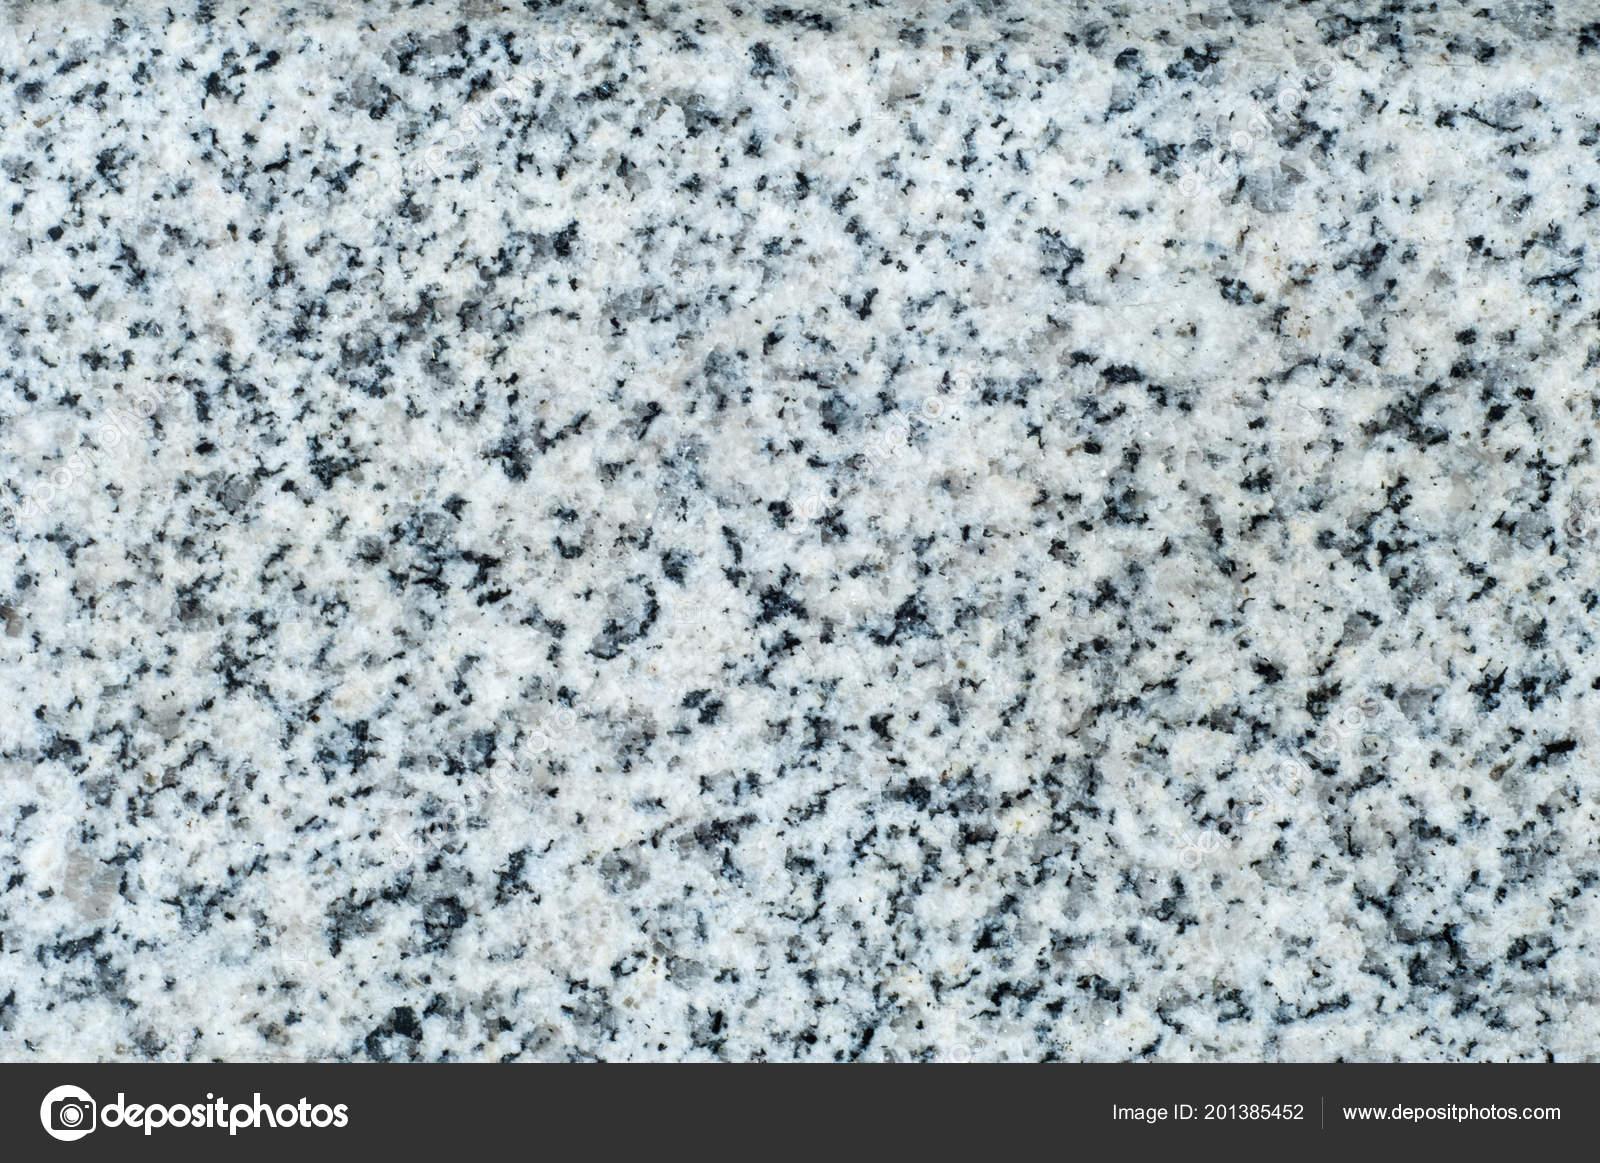 Textur Hintergrund Muster Granit Stein Padang Grau Hell Grauen